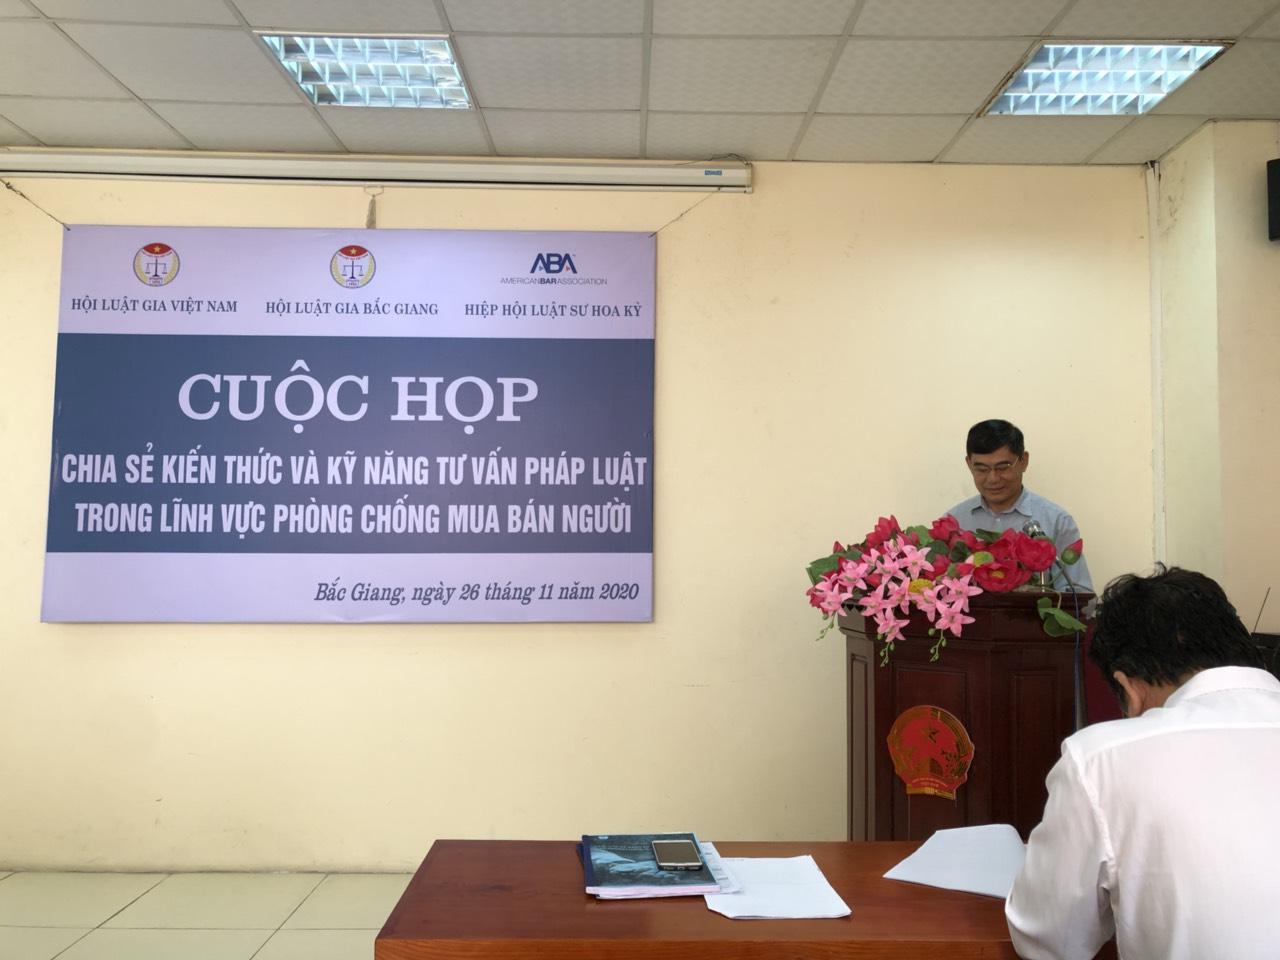 Hội Luật gia tỉnh đã tổ chức hội nghị nâng cao tư vấn pháp luật trong lĩnh vực phòng chống mua bán người